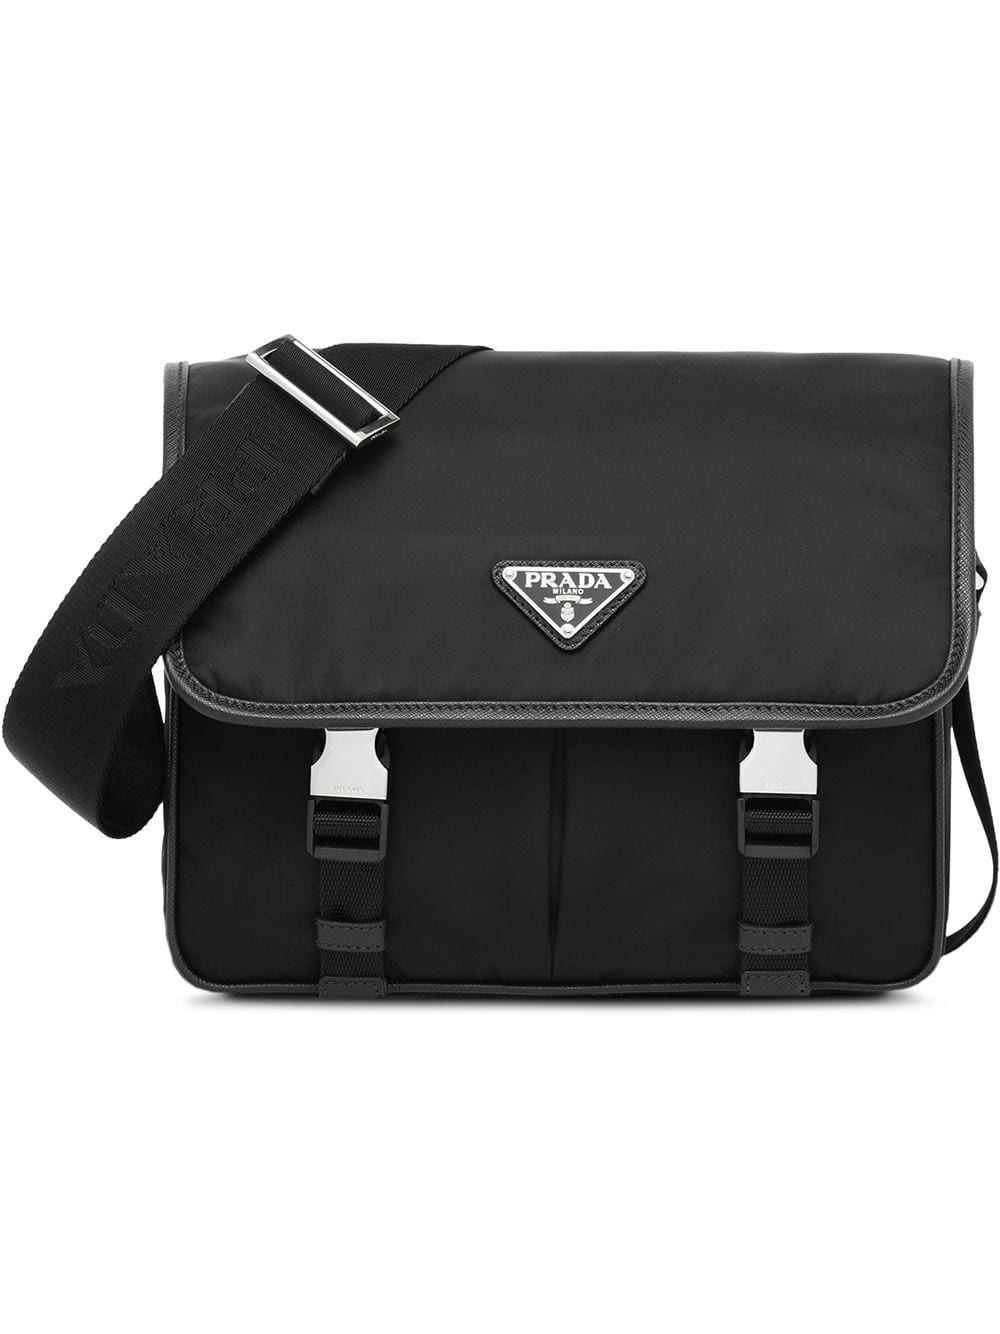 f764c5315c PRADA PRADA SAFFIANO MESSENGER BAG - BLACK.  prada  bags  shoulder bags   leather